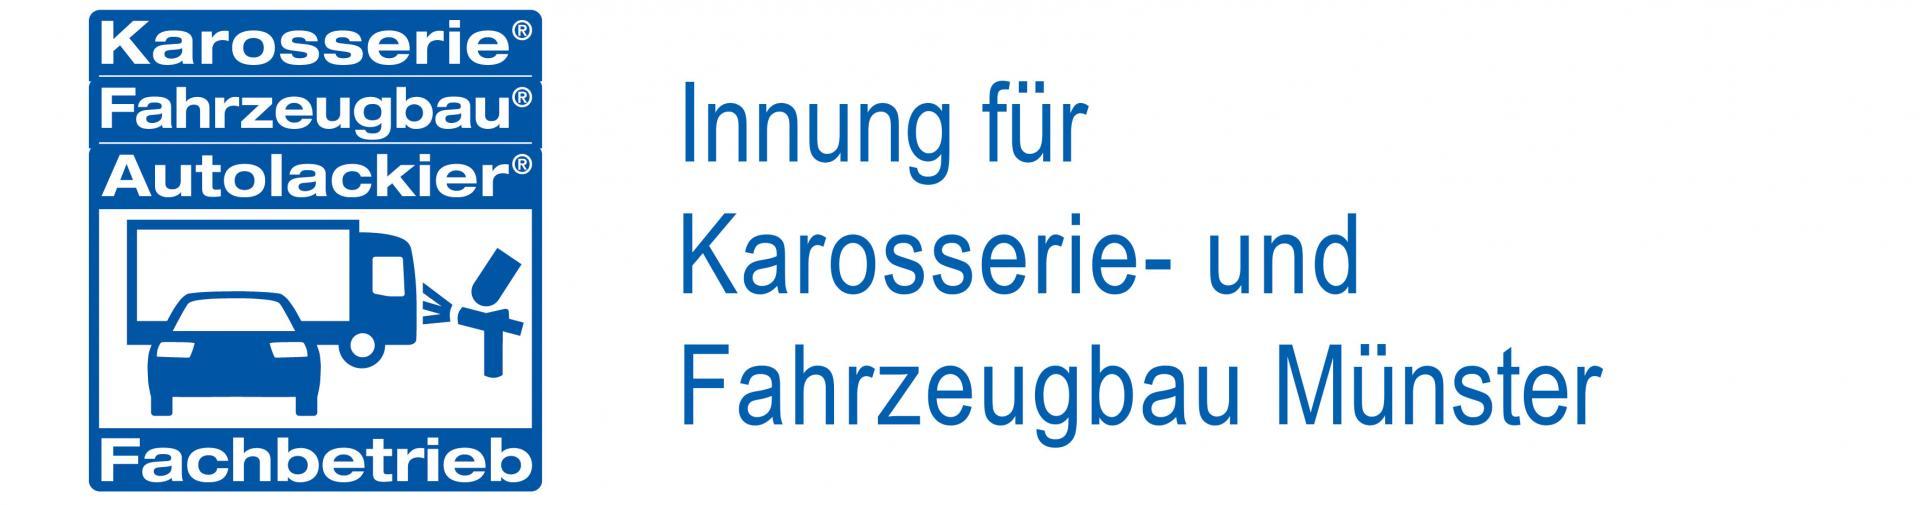 Innung für Karosserie‐ und Fahrzeugbau Münster